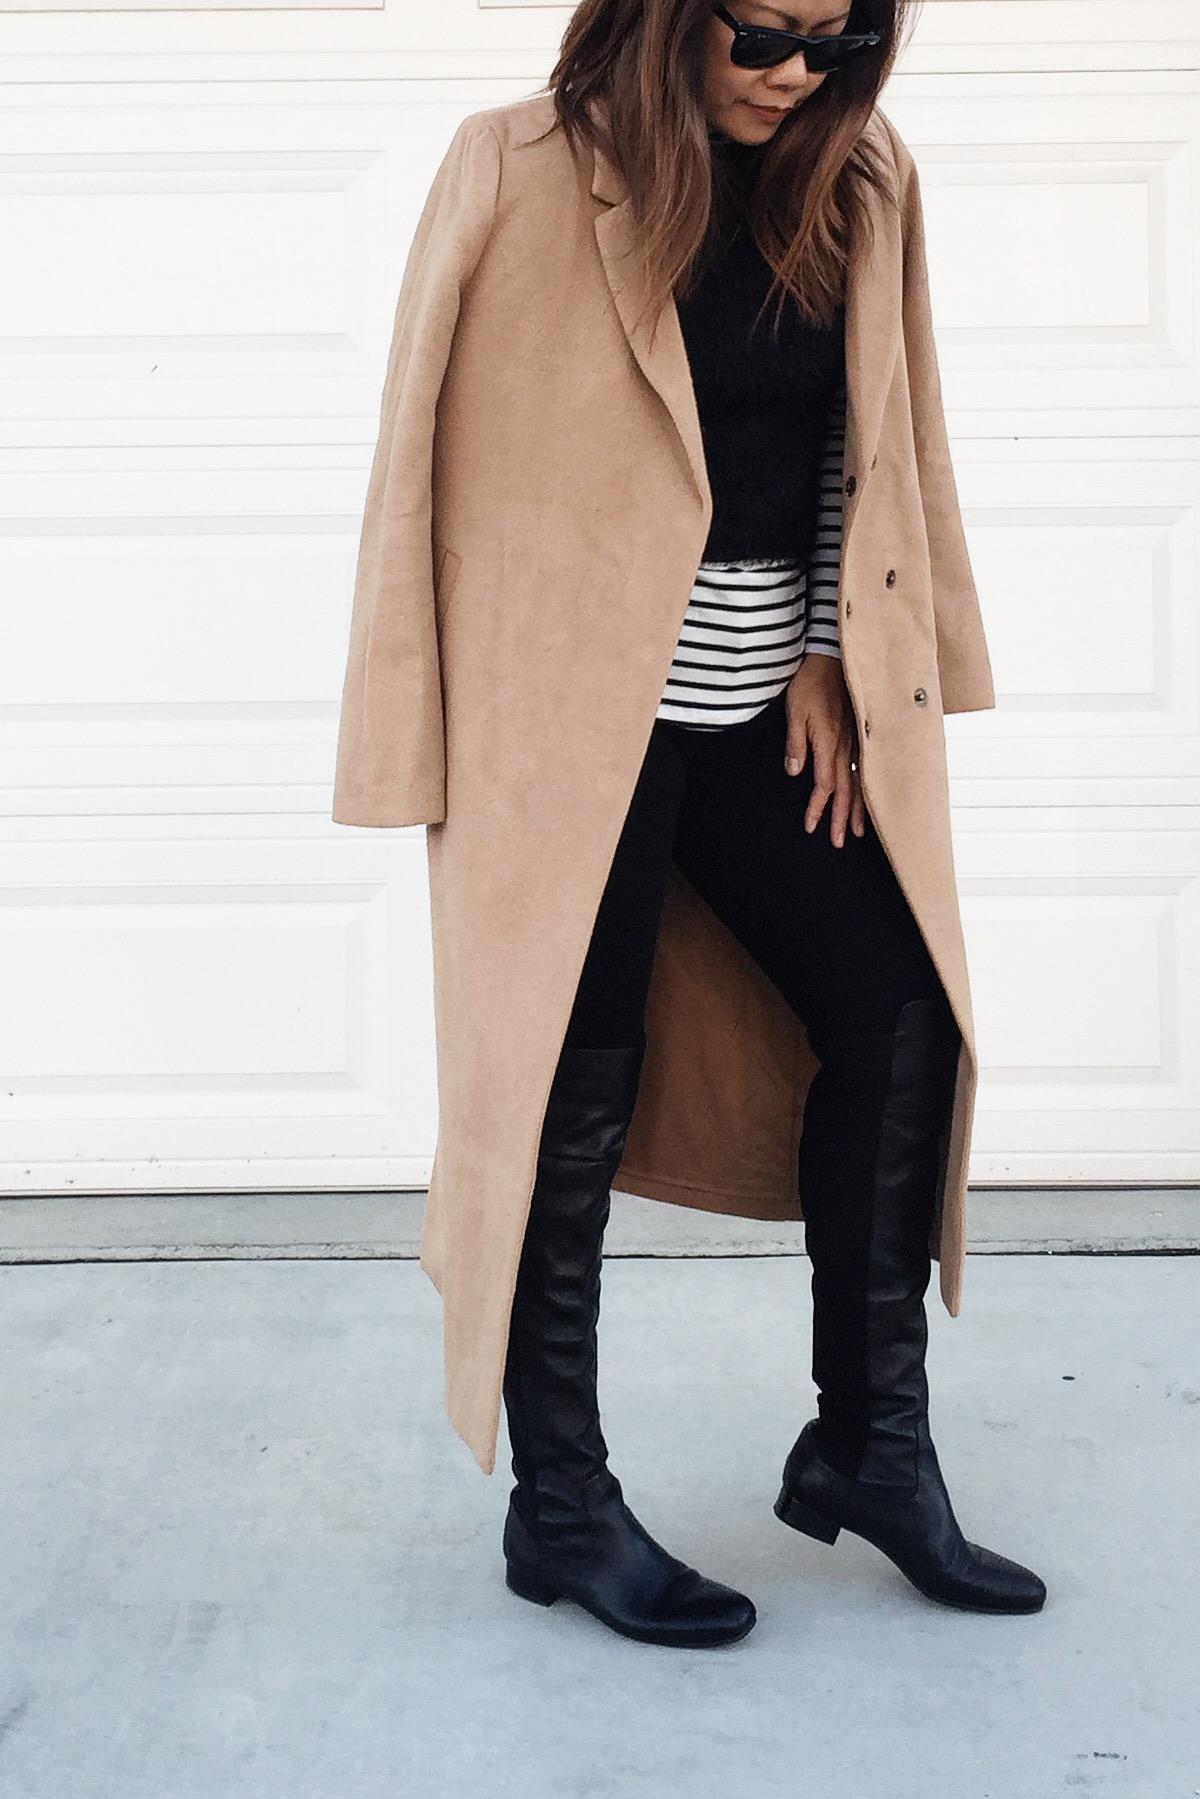 Forever21  coat (old) /  Old Navy  stripes shirt /  Nordstrom  OTK boots